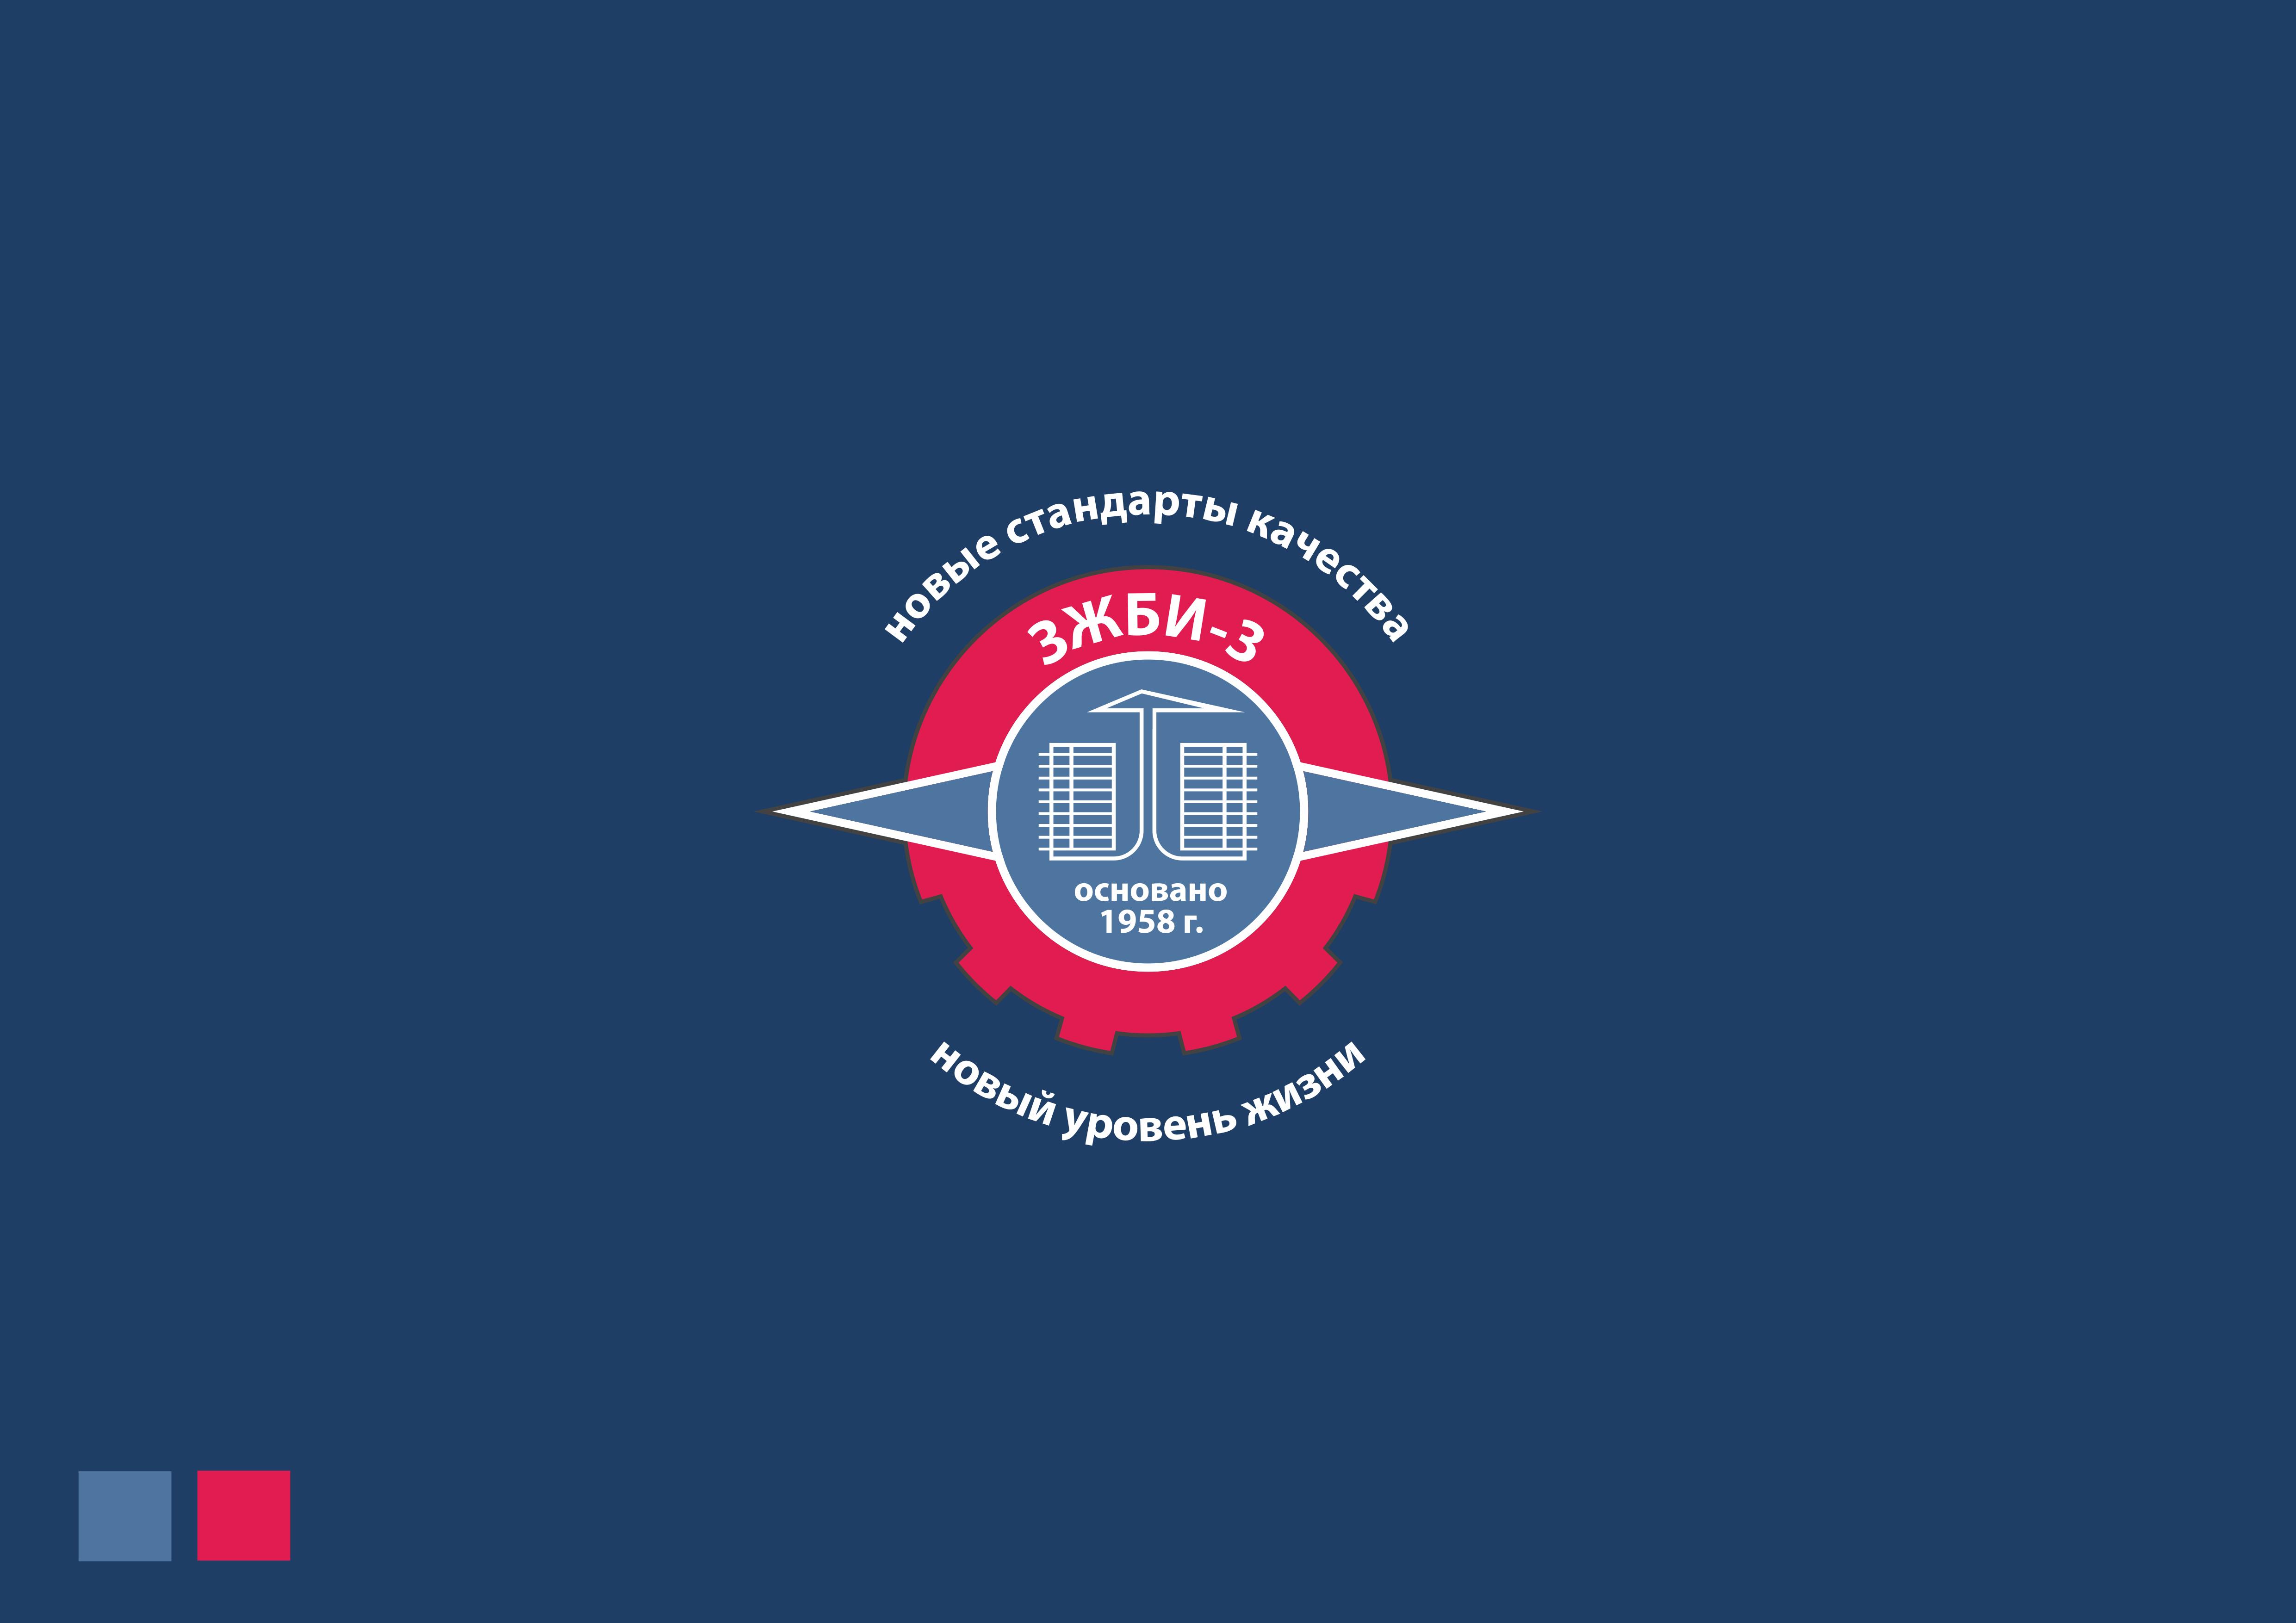 Разработка логотипа и фирменный стиль фото f_5755970be1965744.png